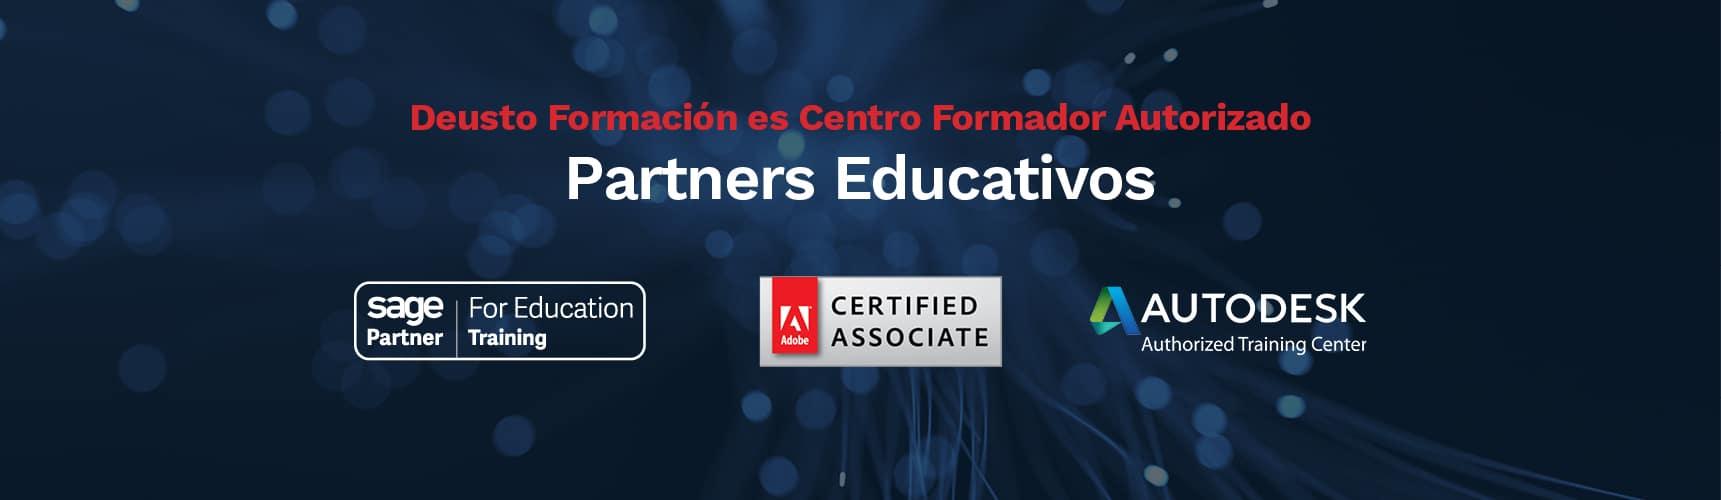 Partners educativos Deusto Formación